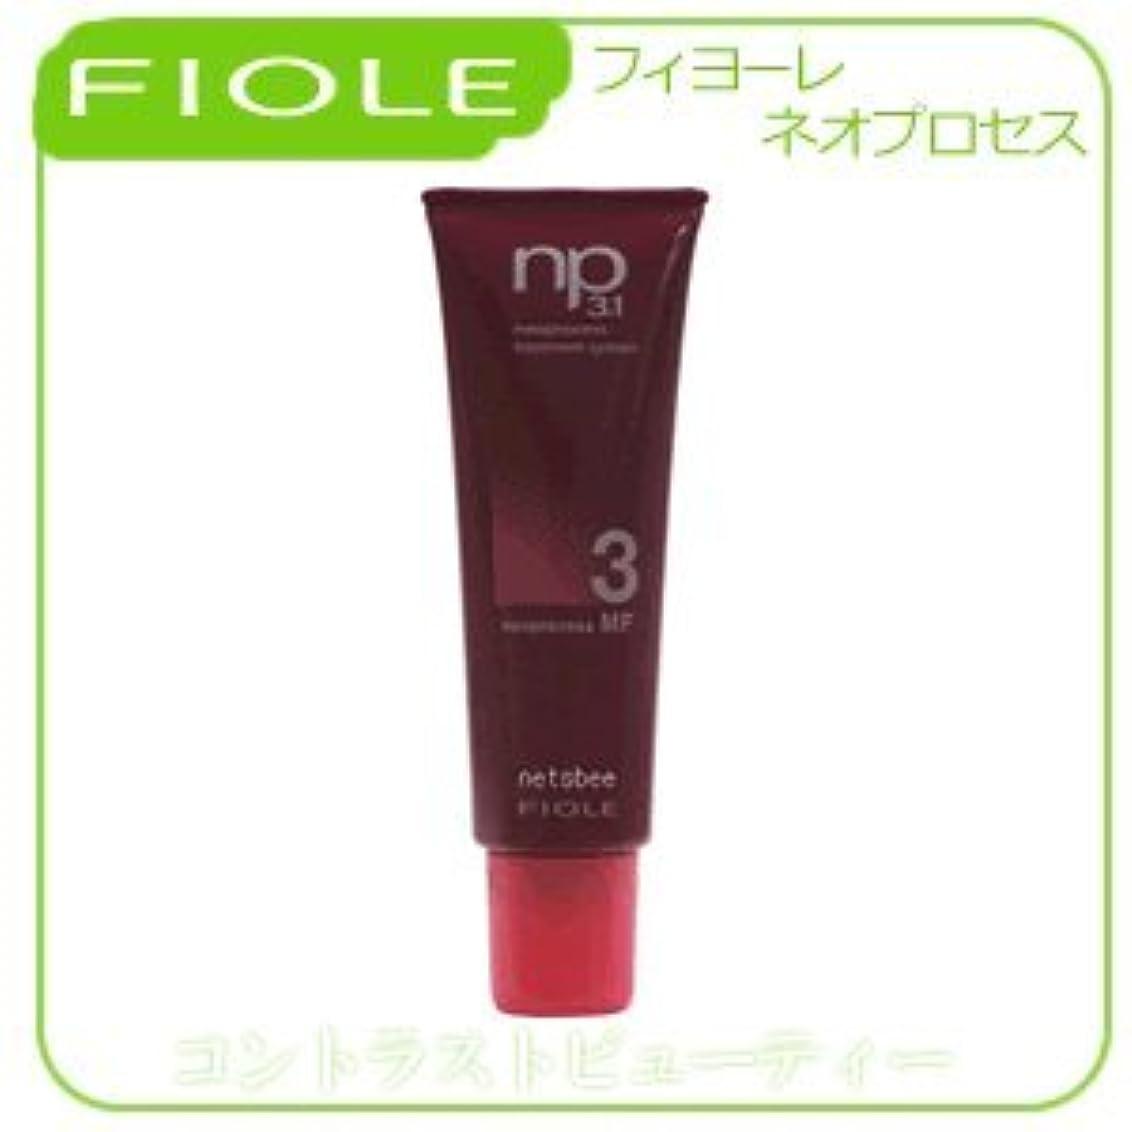 保有者ペナルティデコレーション【X5個セット】 フィヨーレ NP3.1 ネオプロセス MF3 130g FIOLE ネオプロセス